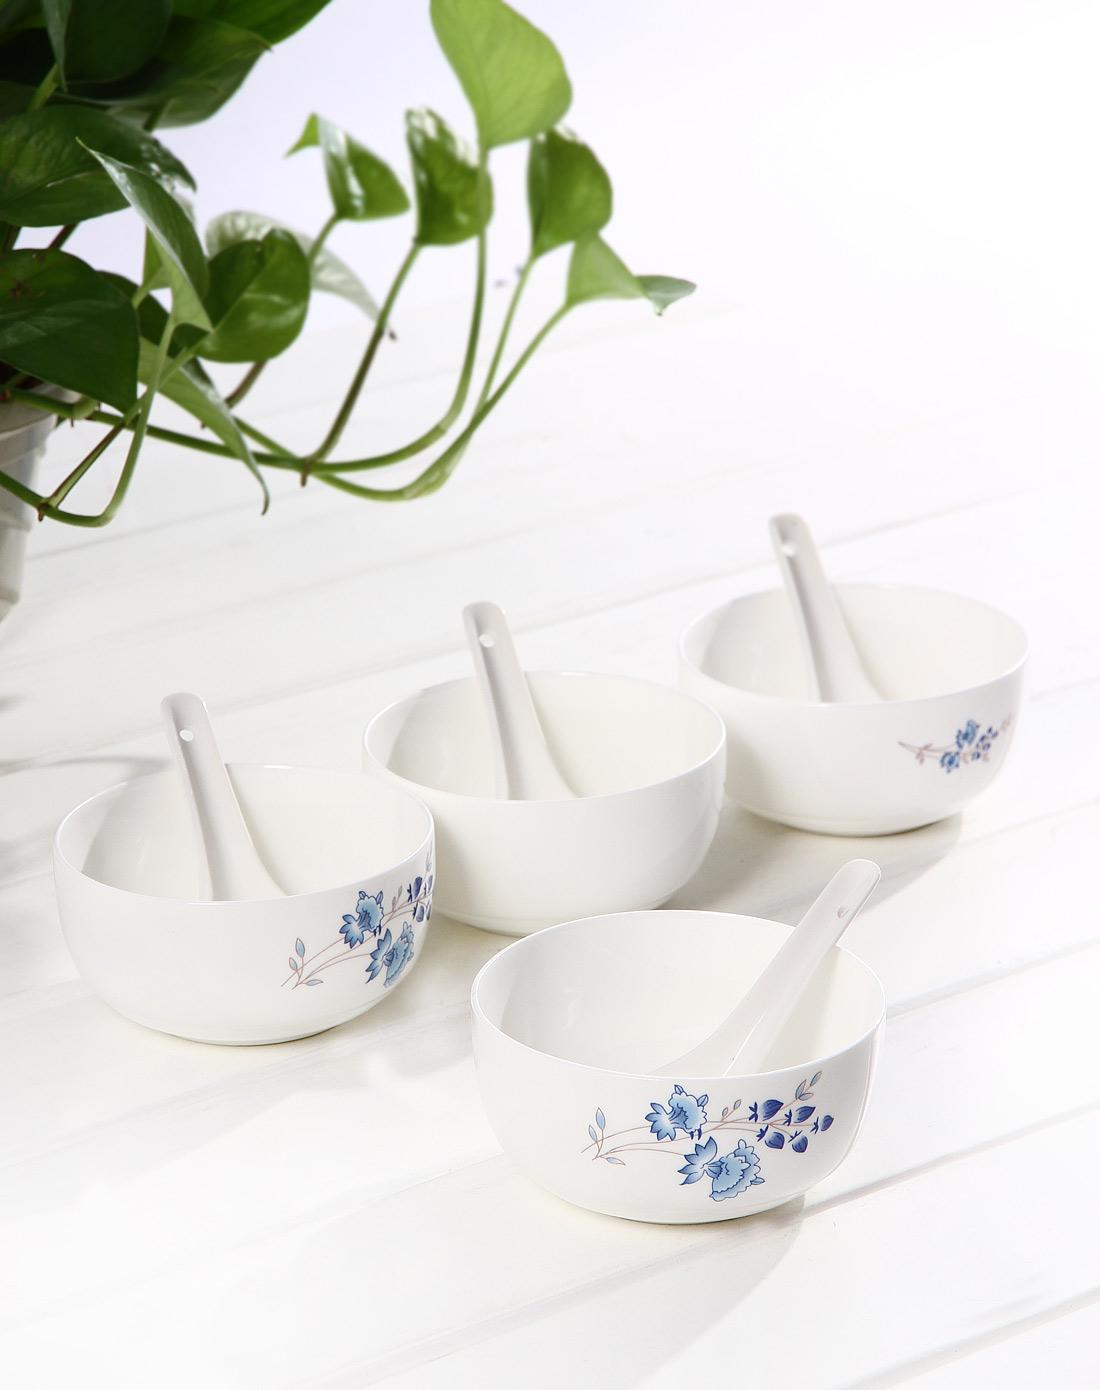 礼盒装蓝白色青花瓷餐具八件套